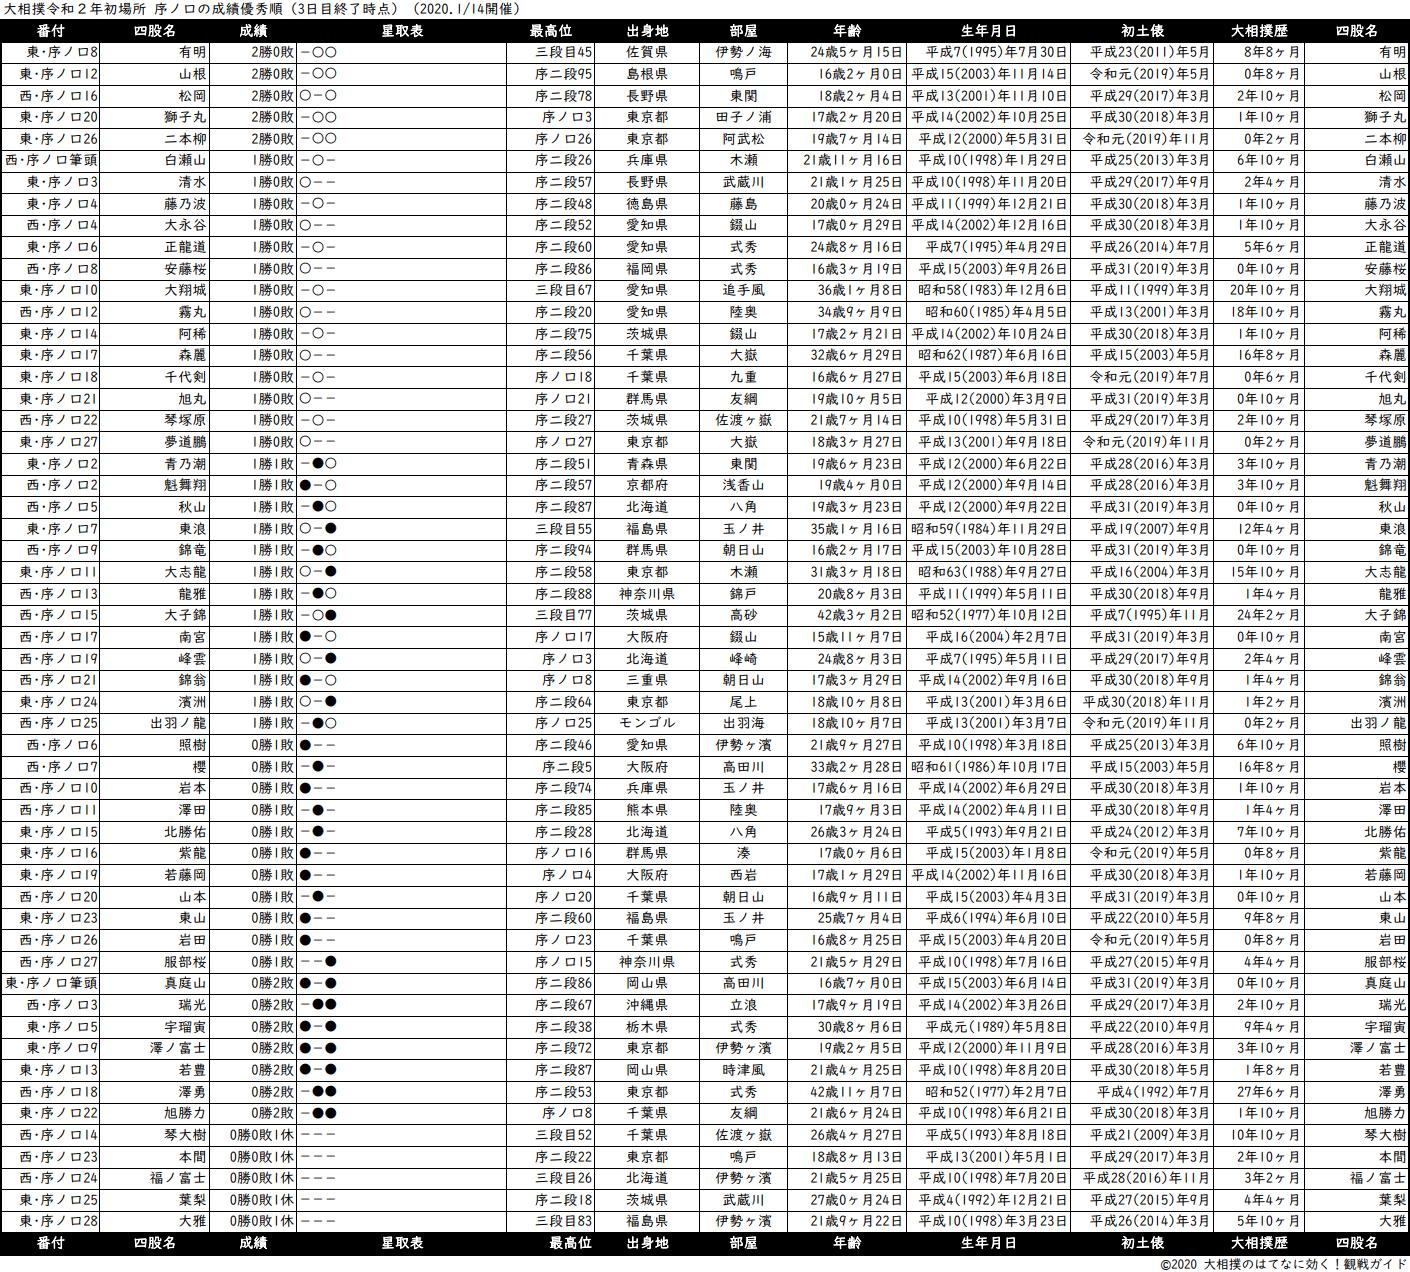 序ノ口成績順一覧表・2020年1月場所3日目